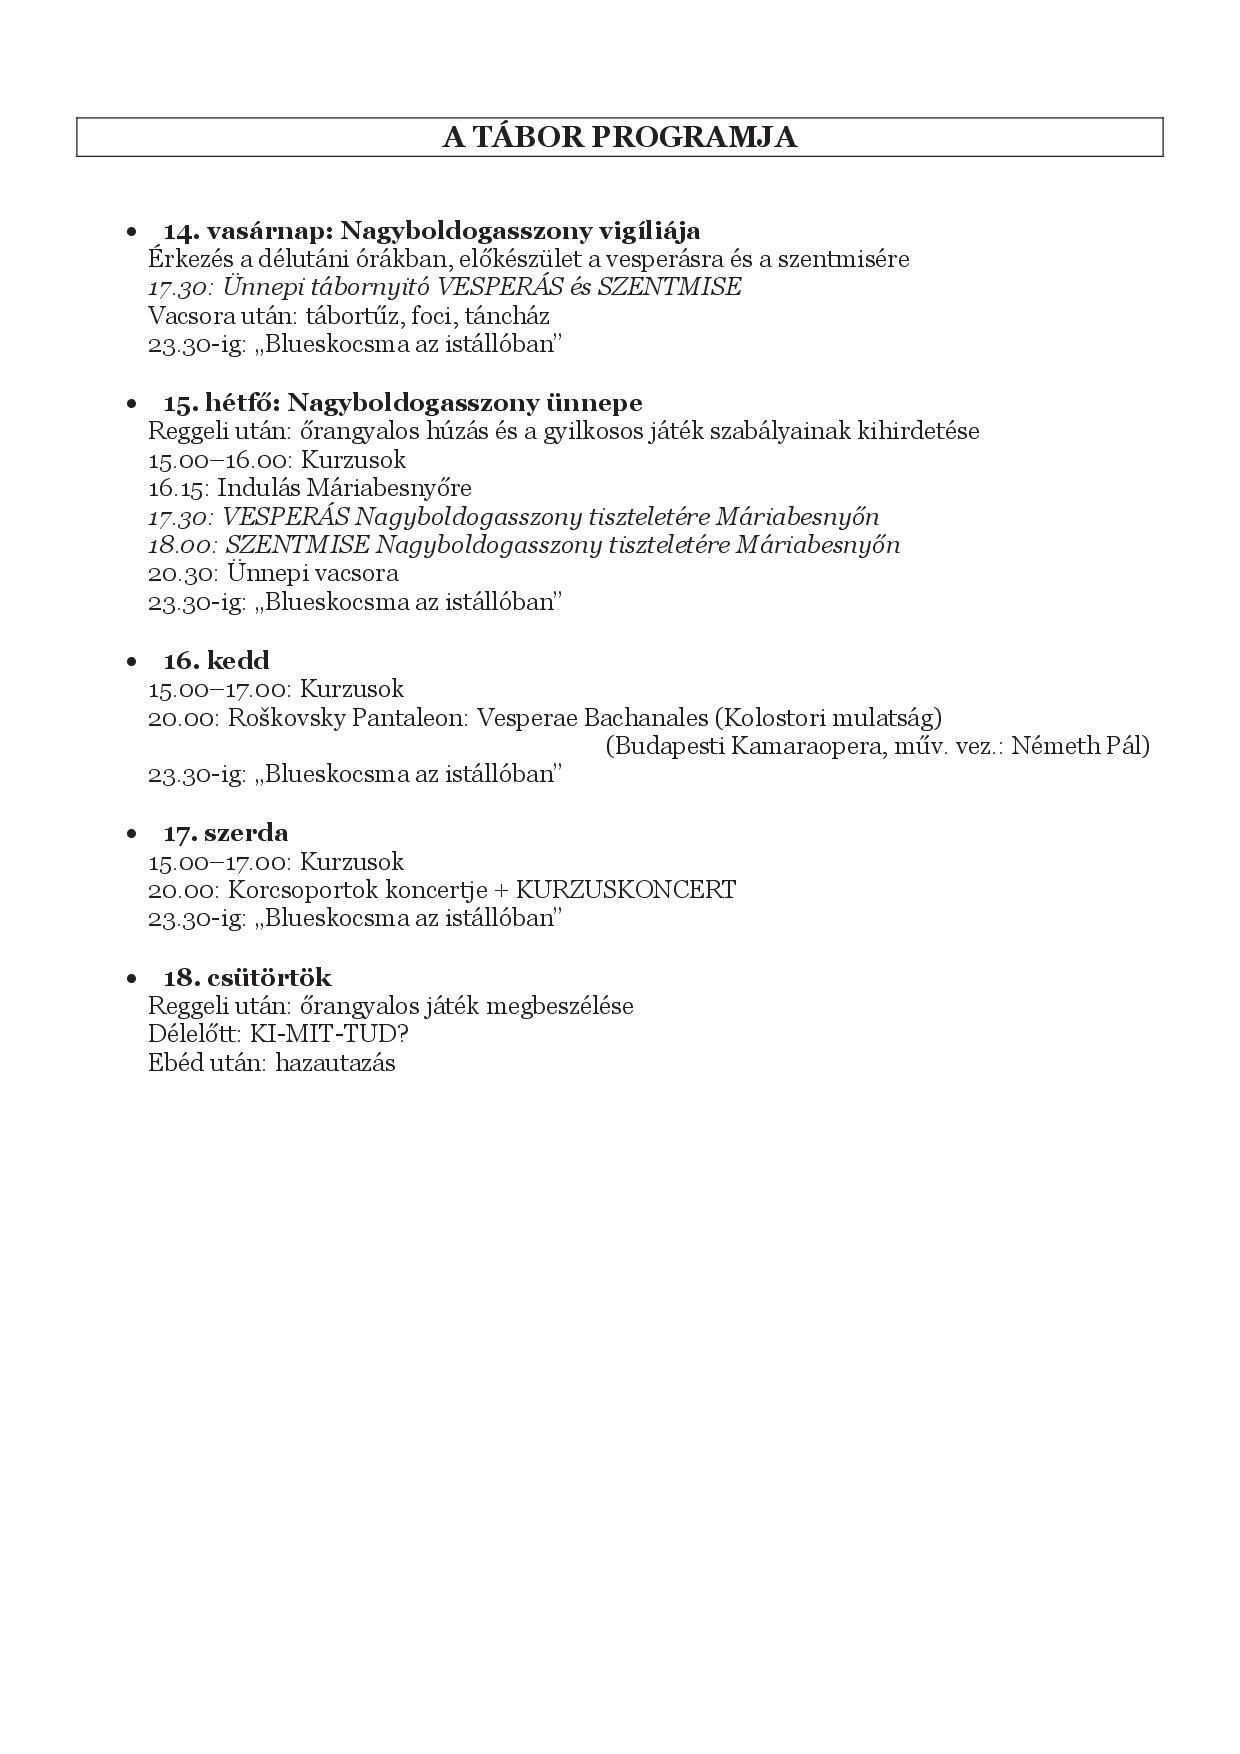 17.GSZT_előzetes_programúúúúúúj2